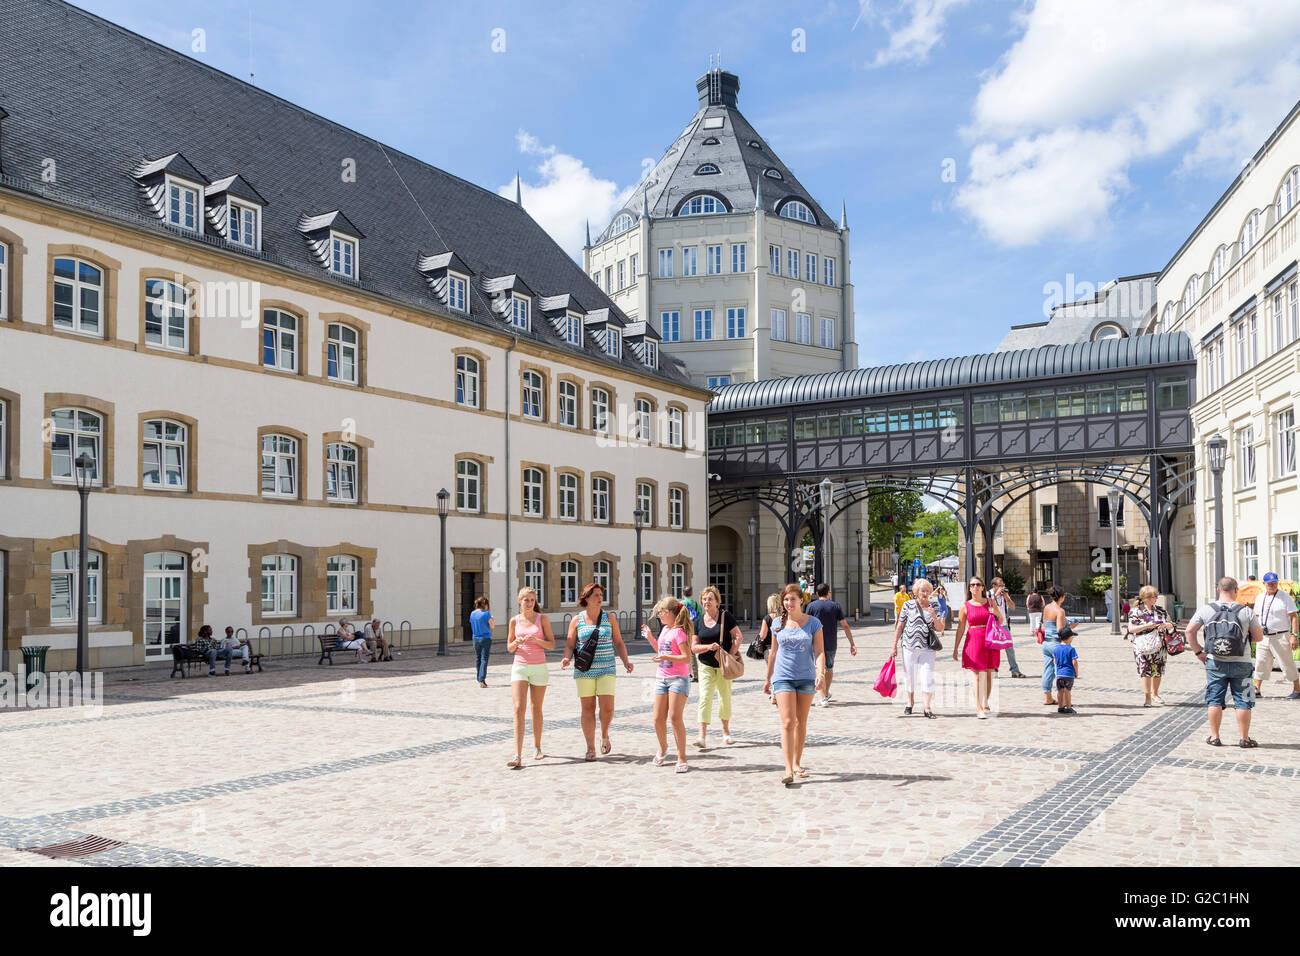 Menschen zu Fuß über den Platz, Luxemburg Stockbild